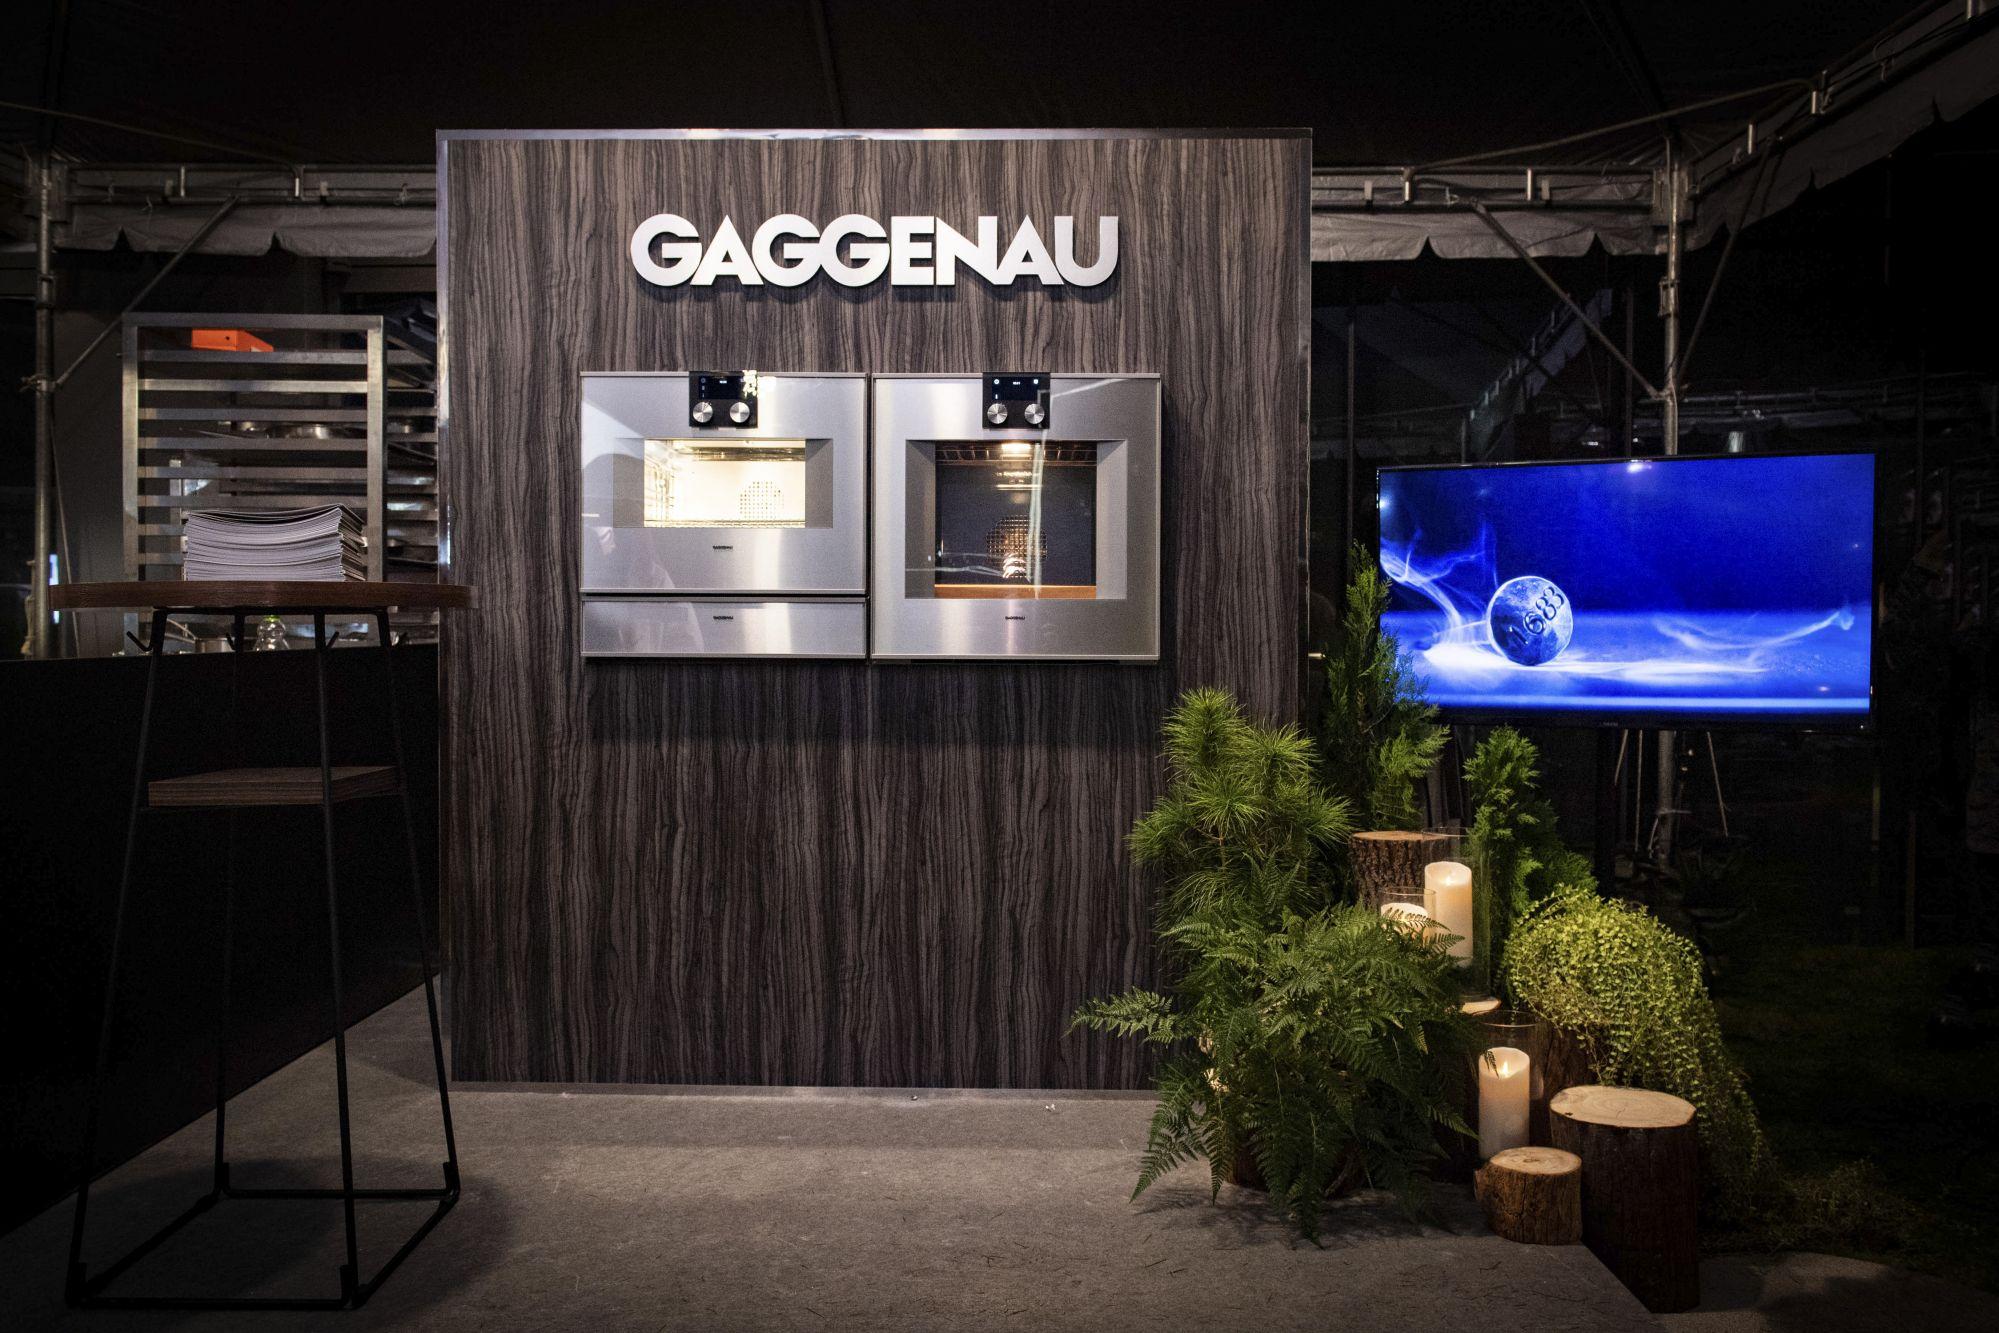 廚師心中的夢幻逸品!Off Menu Taiwan 展示百年經典—來自德國的精品廚電 Gaggenau